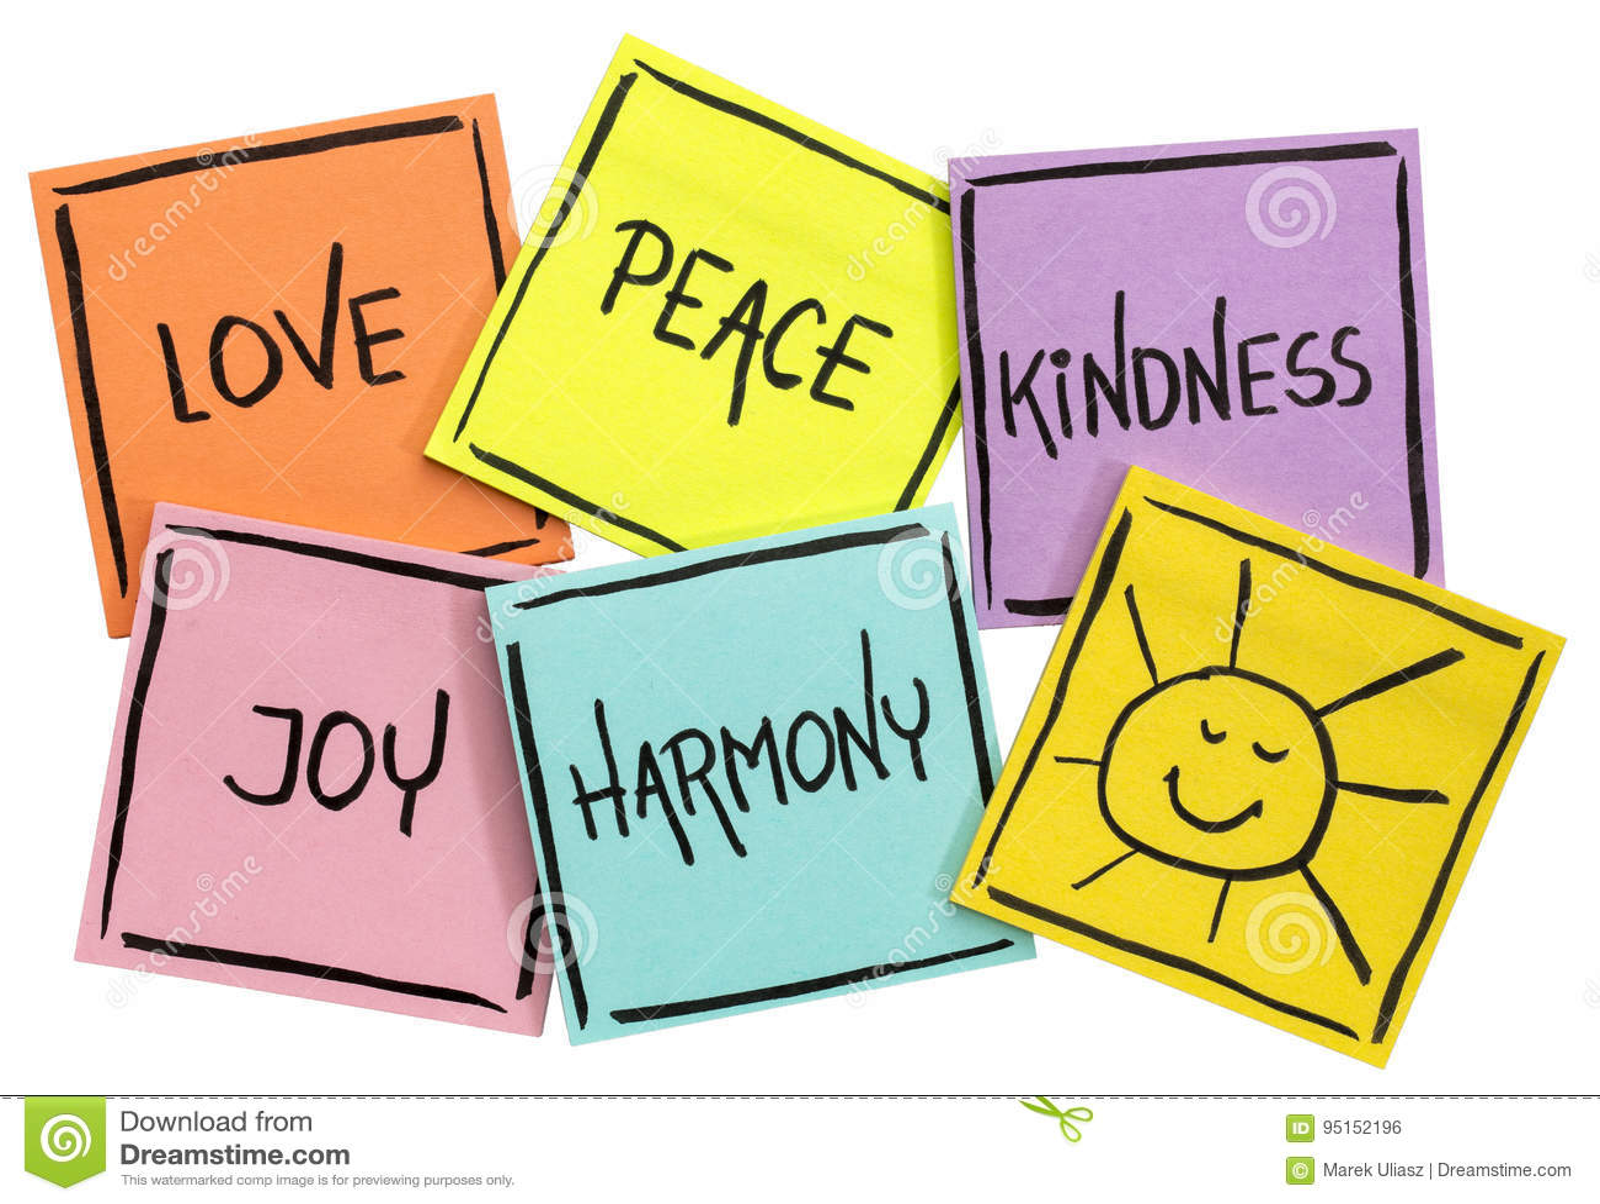 Förälskelse, fred, vänlighet, glädje och harmoni